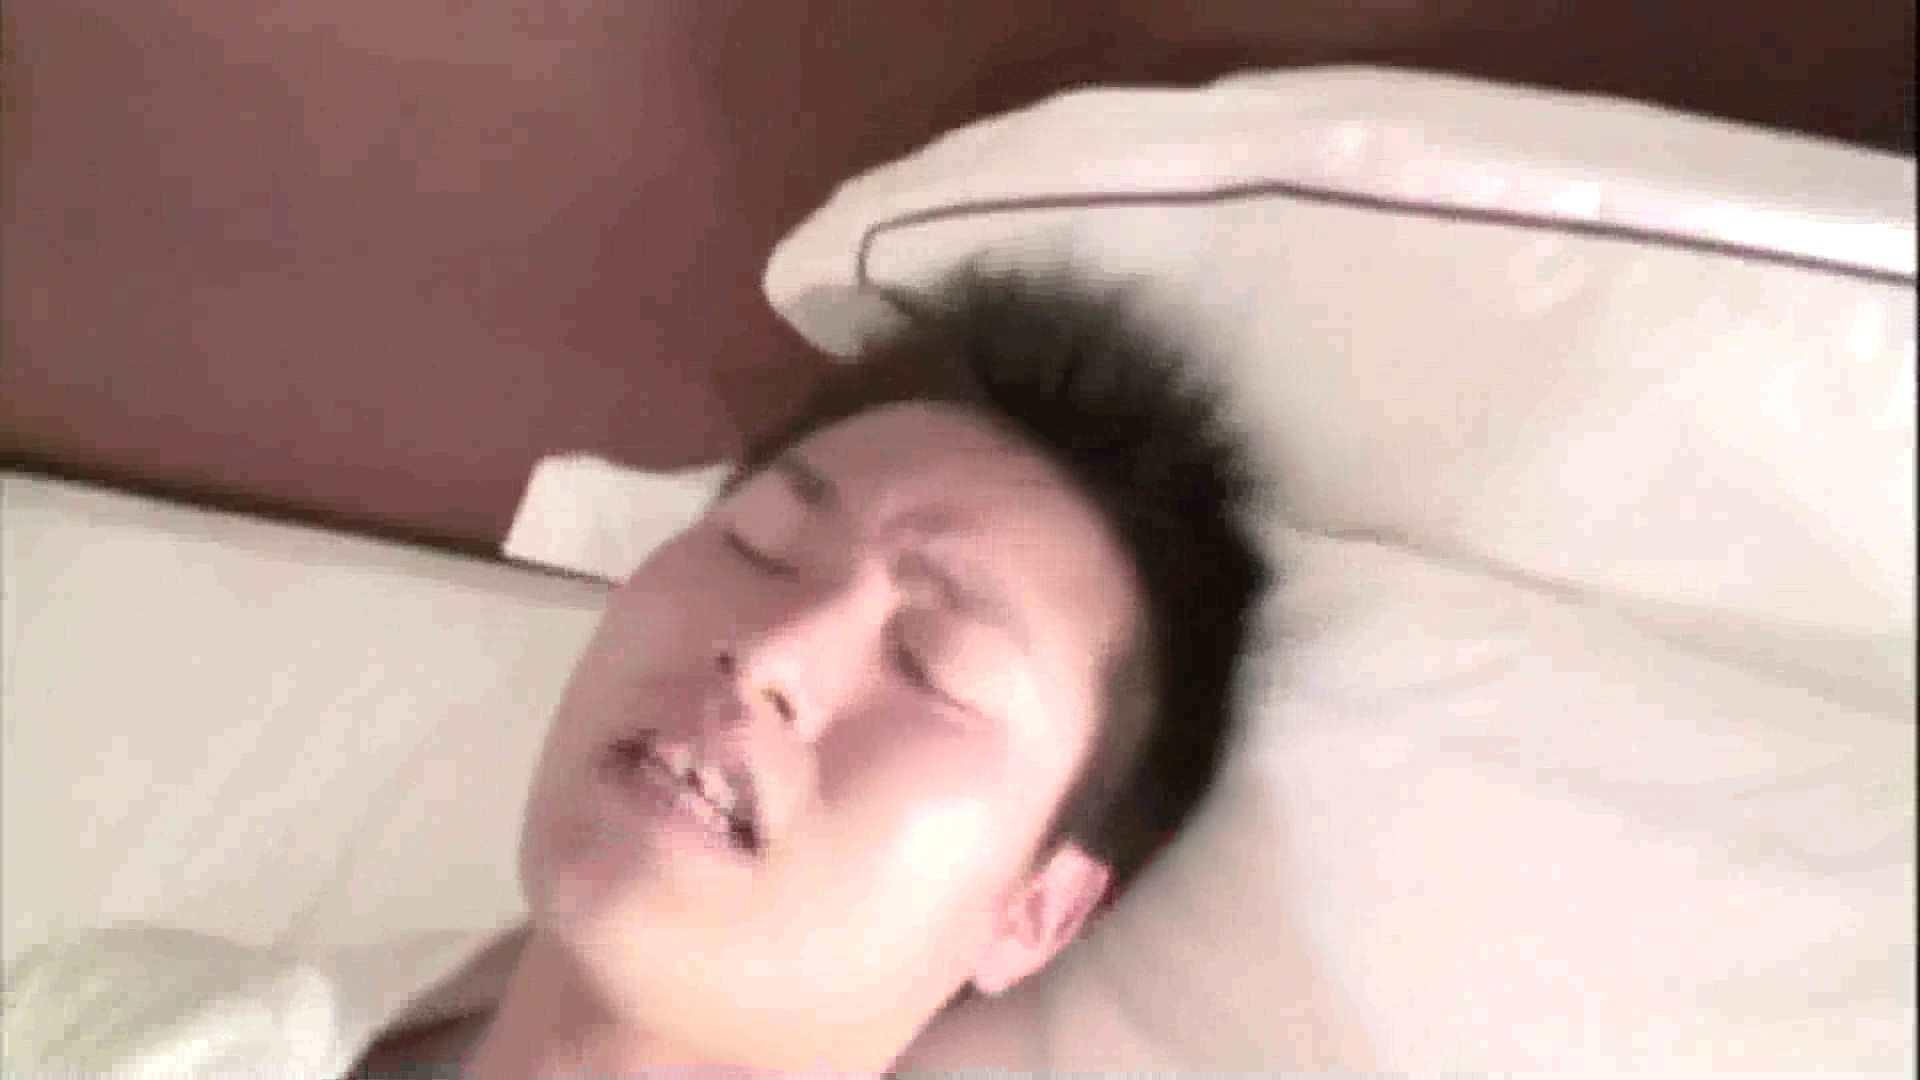 イカせ屋 Vol.08 男のゲイ天国 ゲイエロビデオ画像 11枚 2